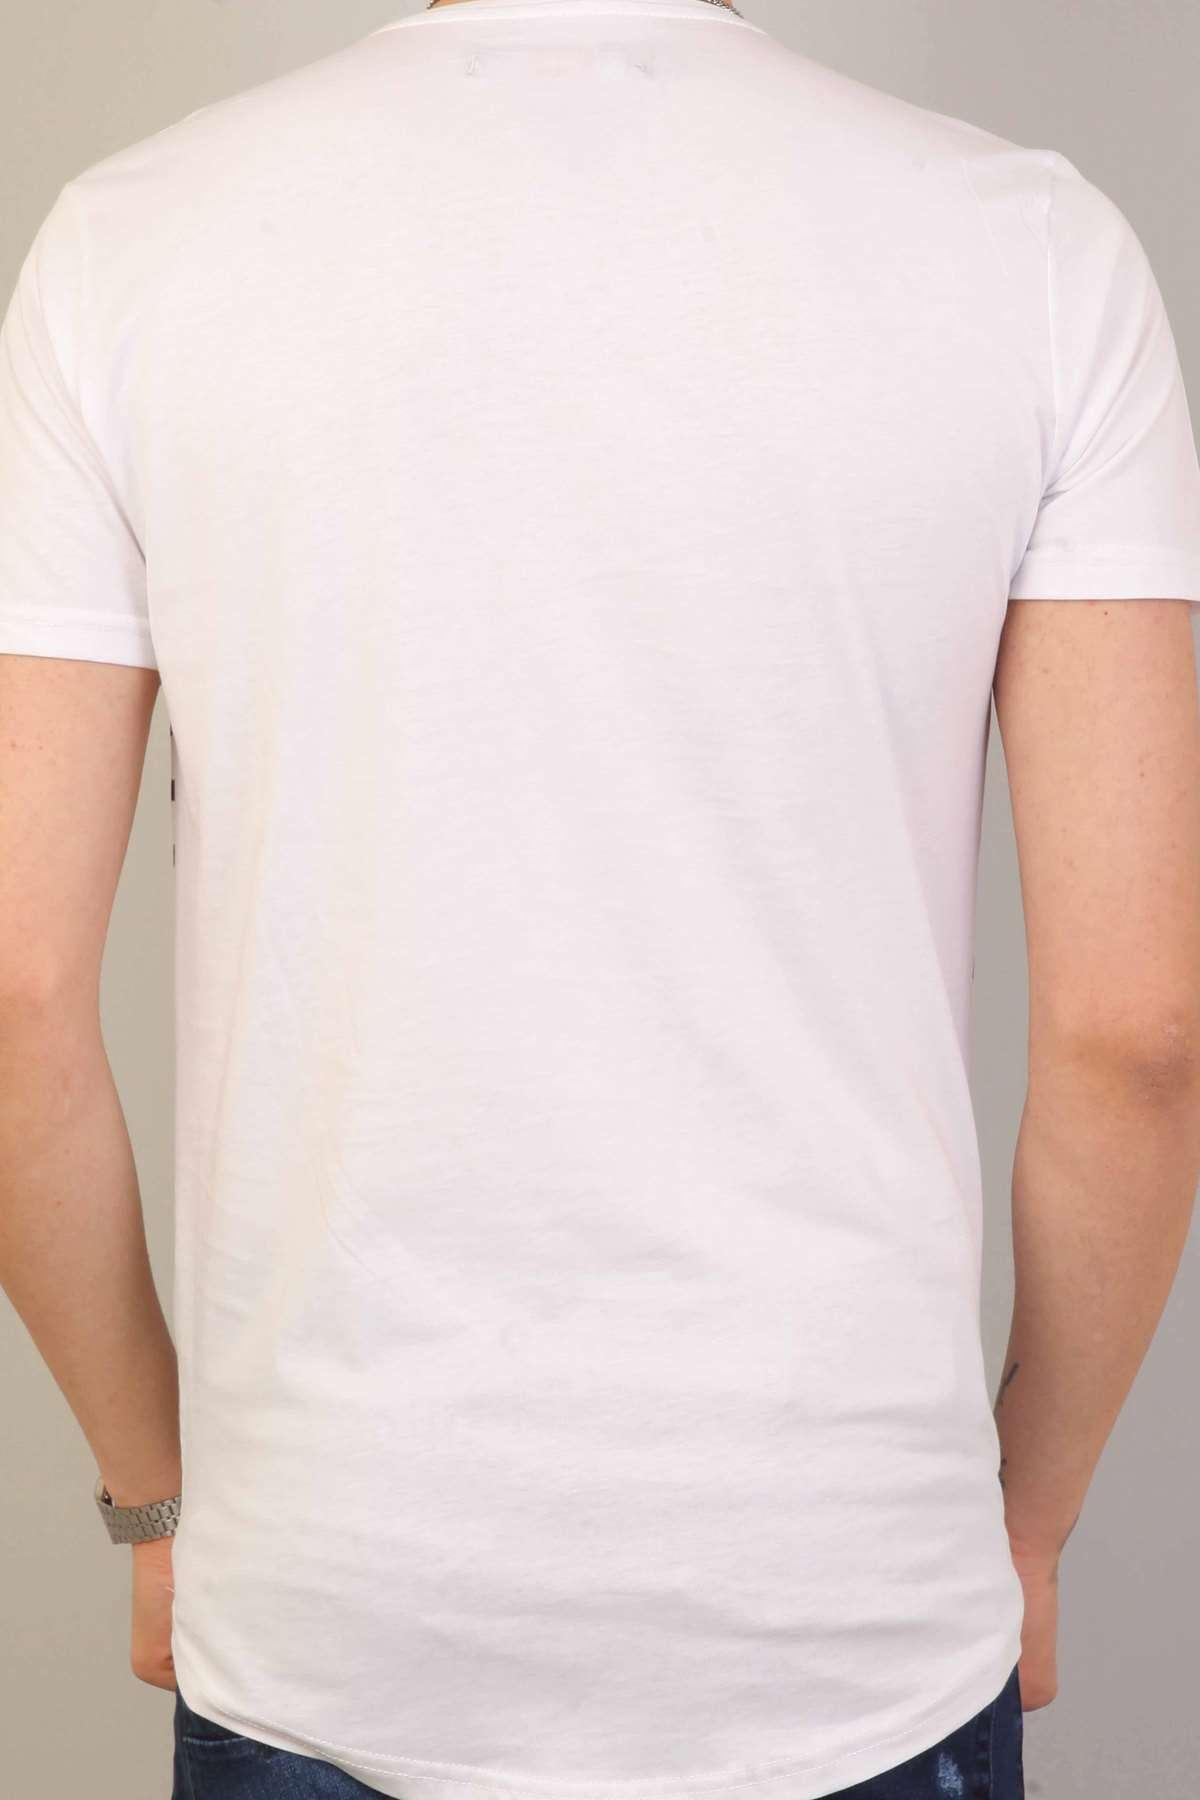 Kuru Kafa Baskılı Yazılı Sıfır Yaka Tişört Beyaz